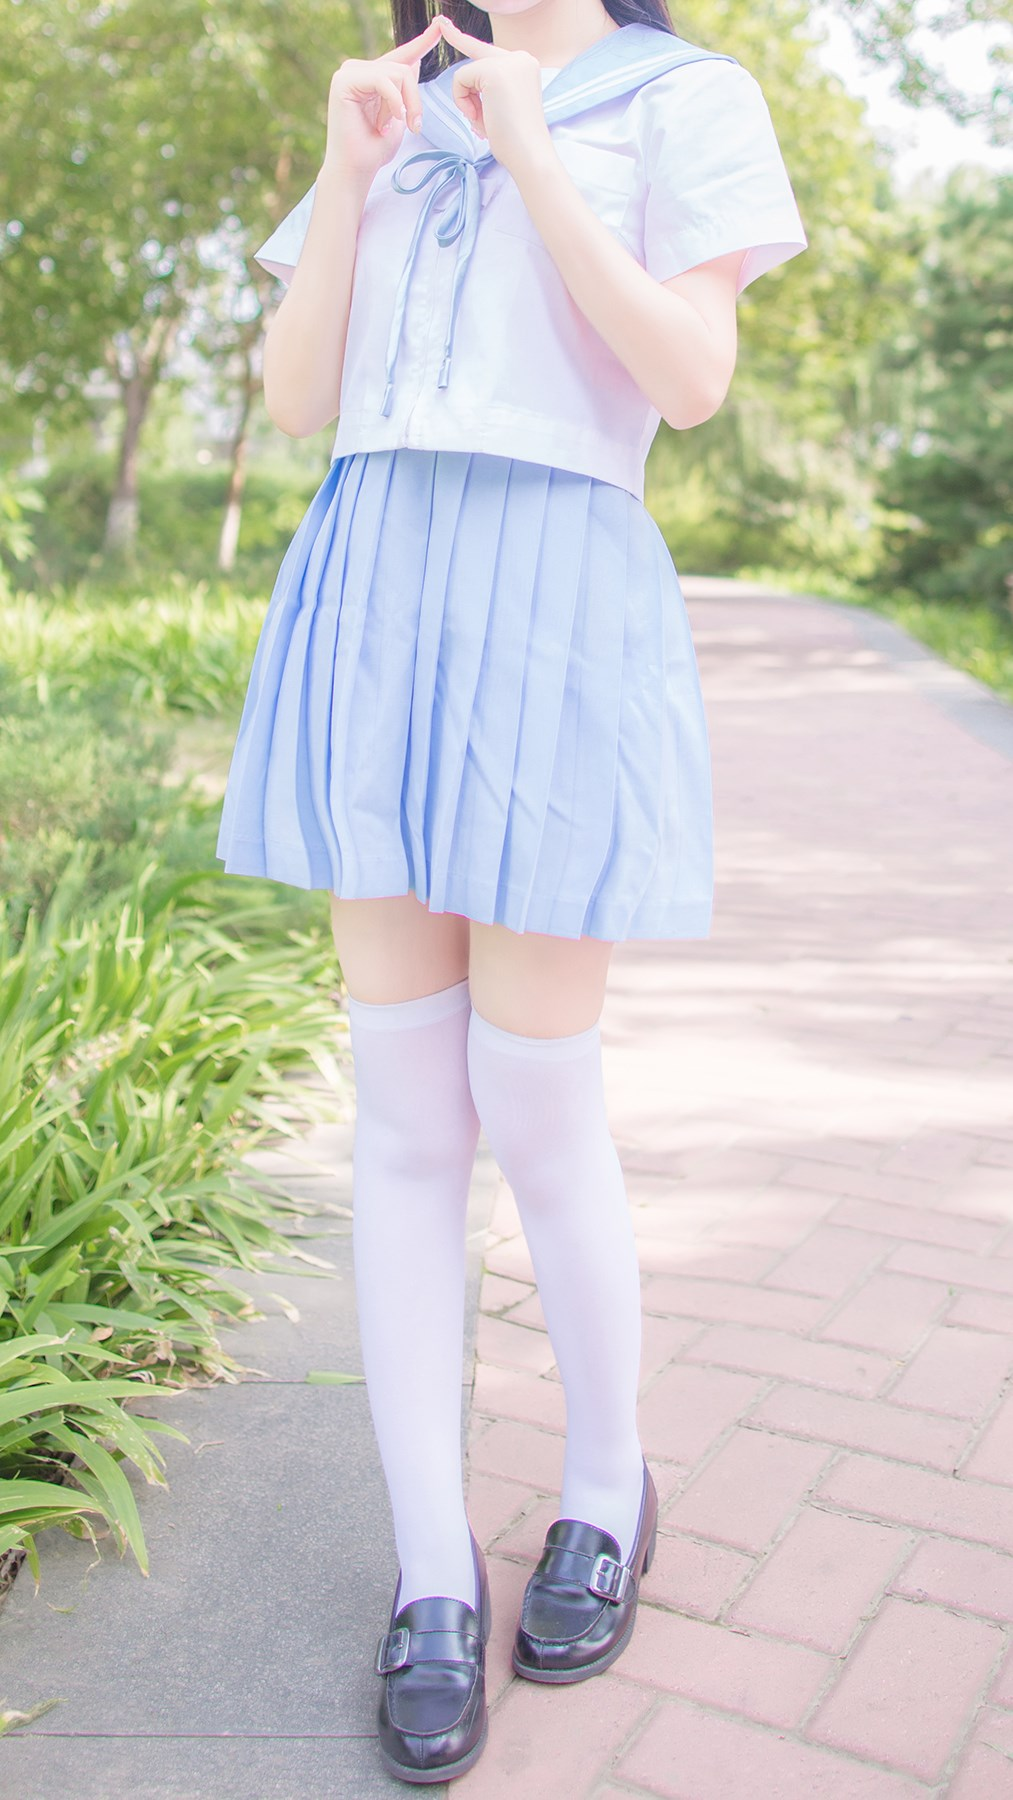 【兔玩映画】水手服 兔玩映画 第13张